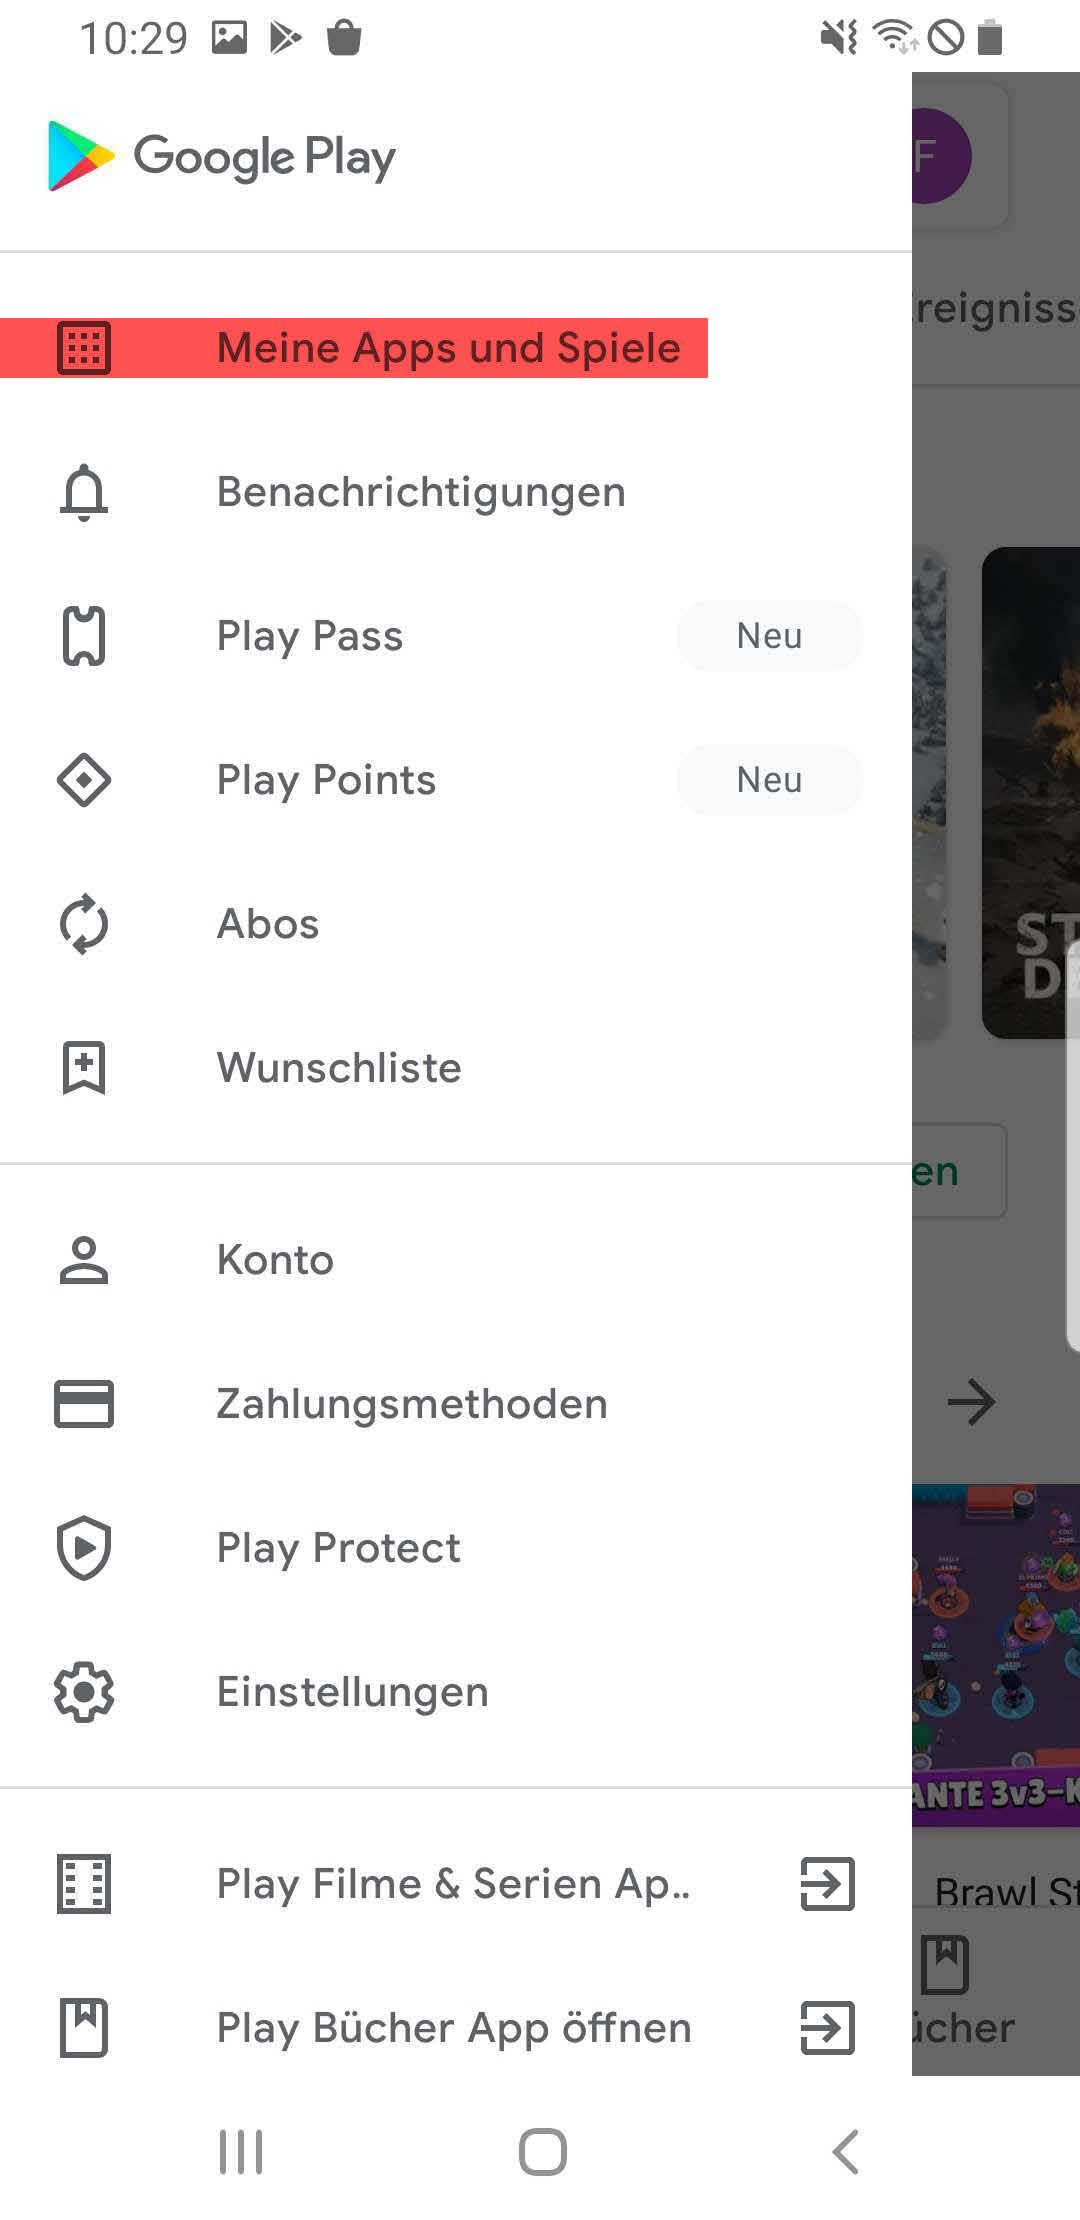 Meine Apps und Spiele im Google Play Store